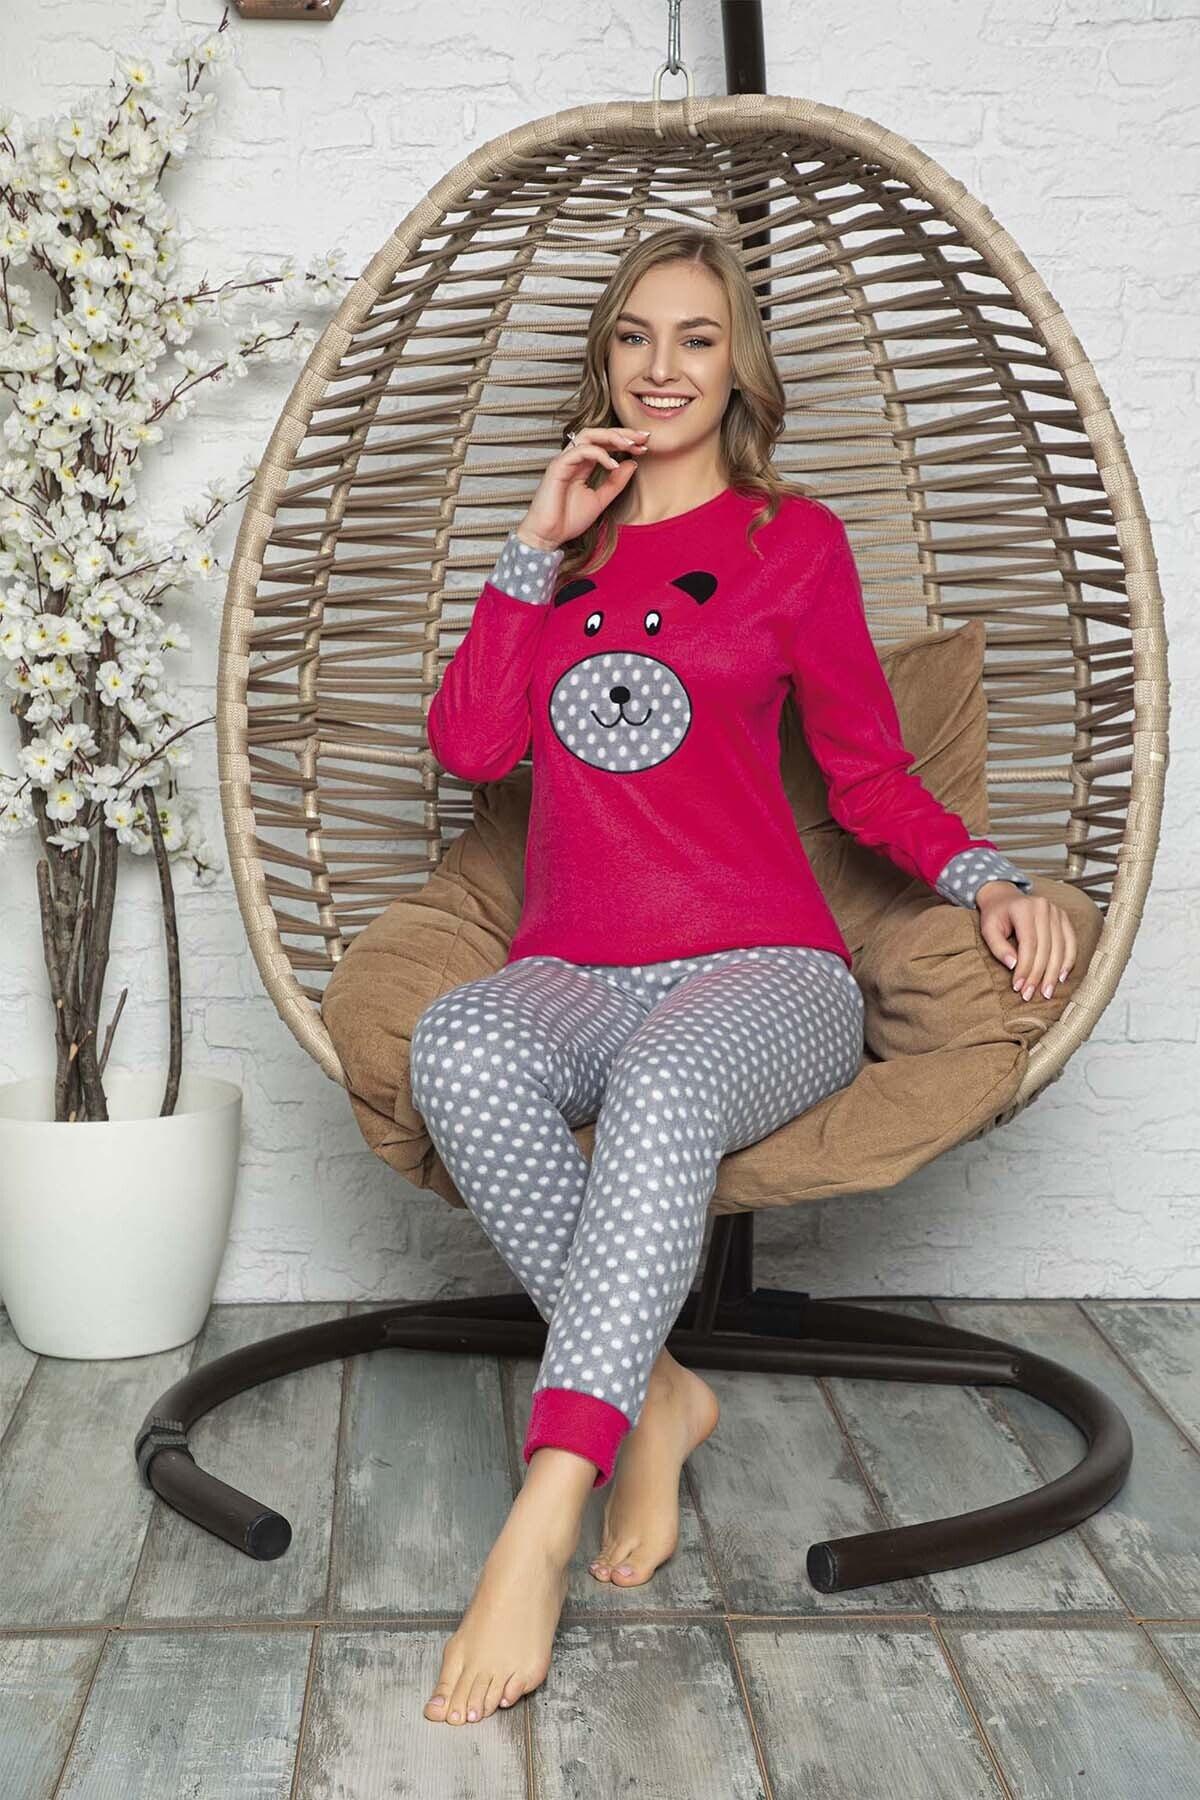 Kompedan Kadın Pembe Desenli Polar Pijama Takımı Rnd 5807 2